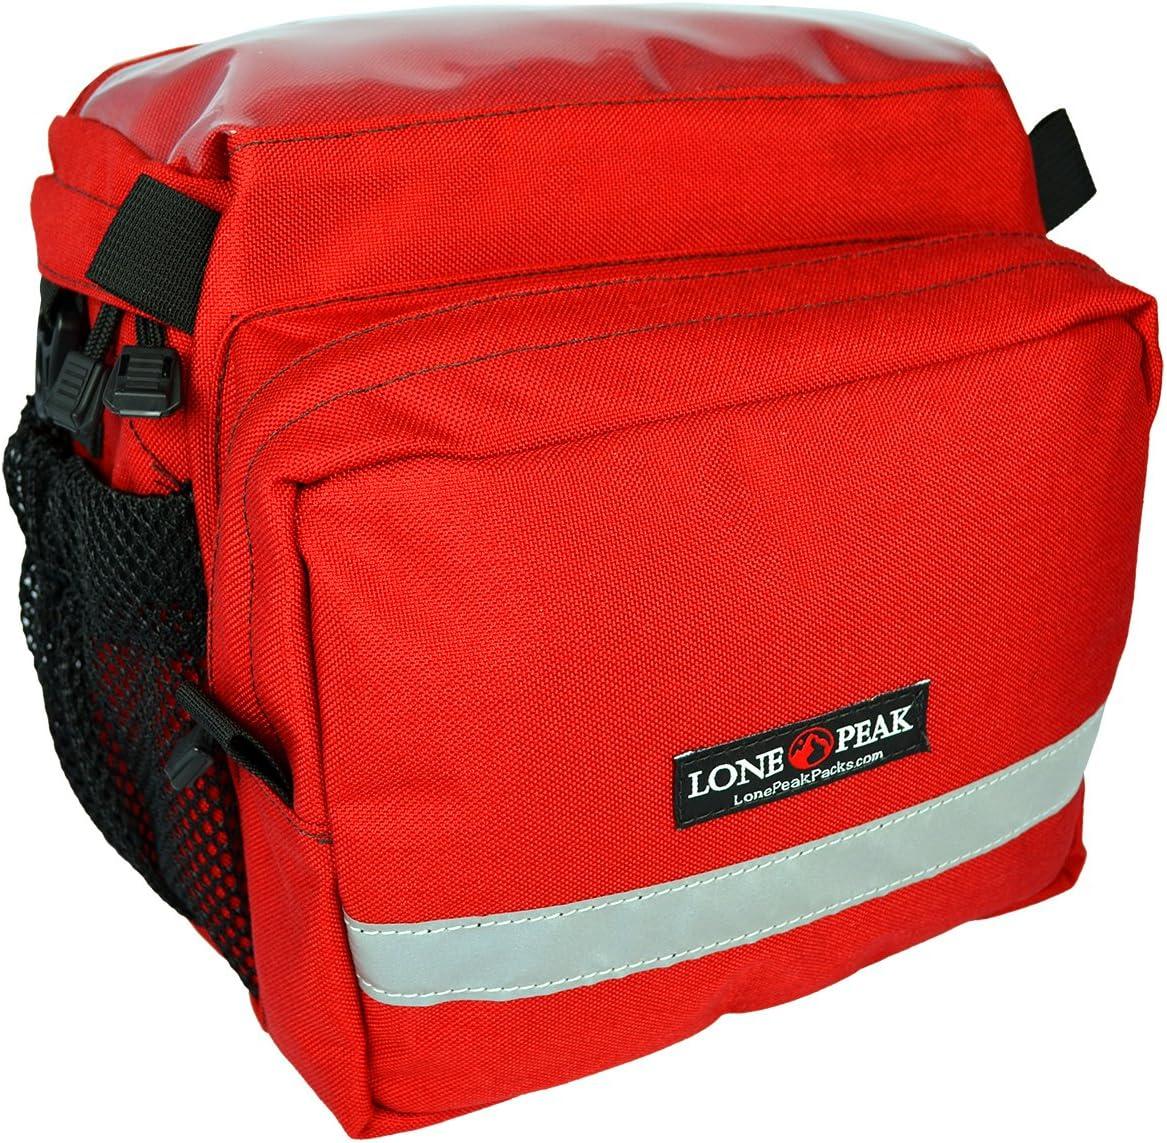 Lone Peak Alta Bicycle Pack Handlebar Max 50% OFF Bag New York Mall